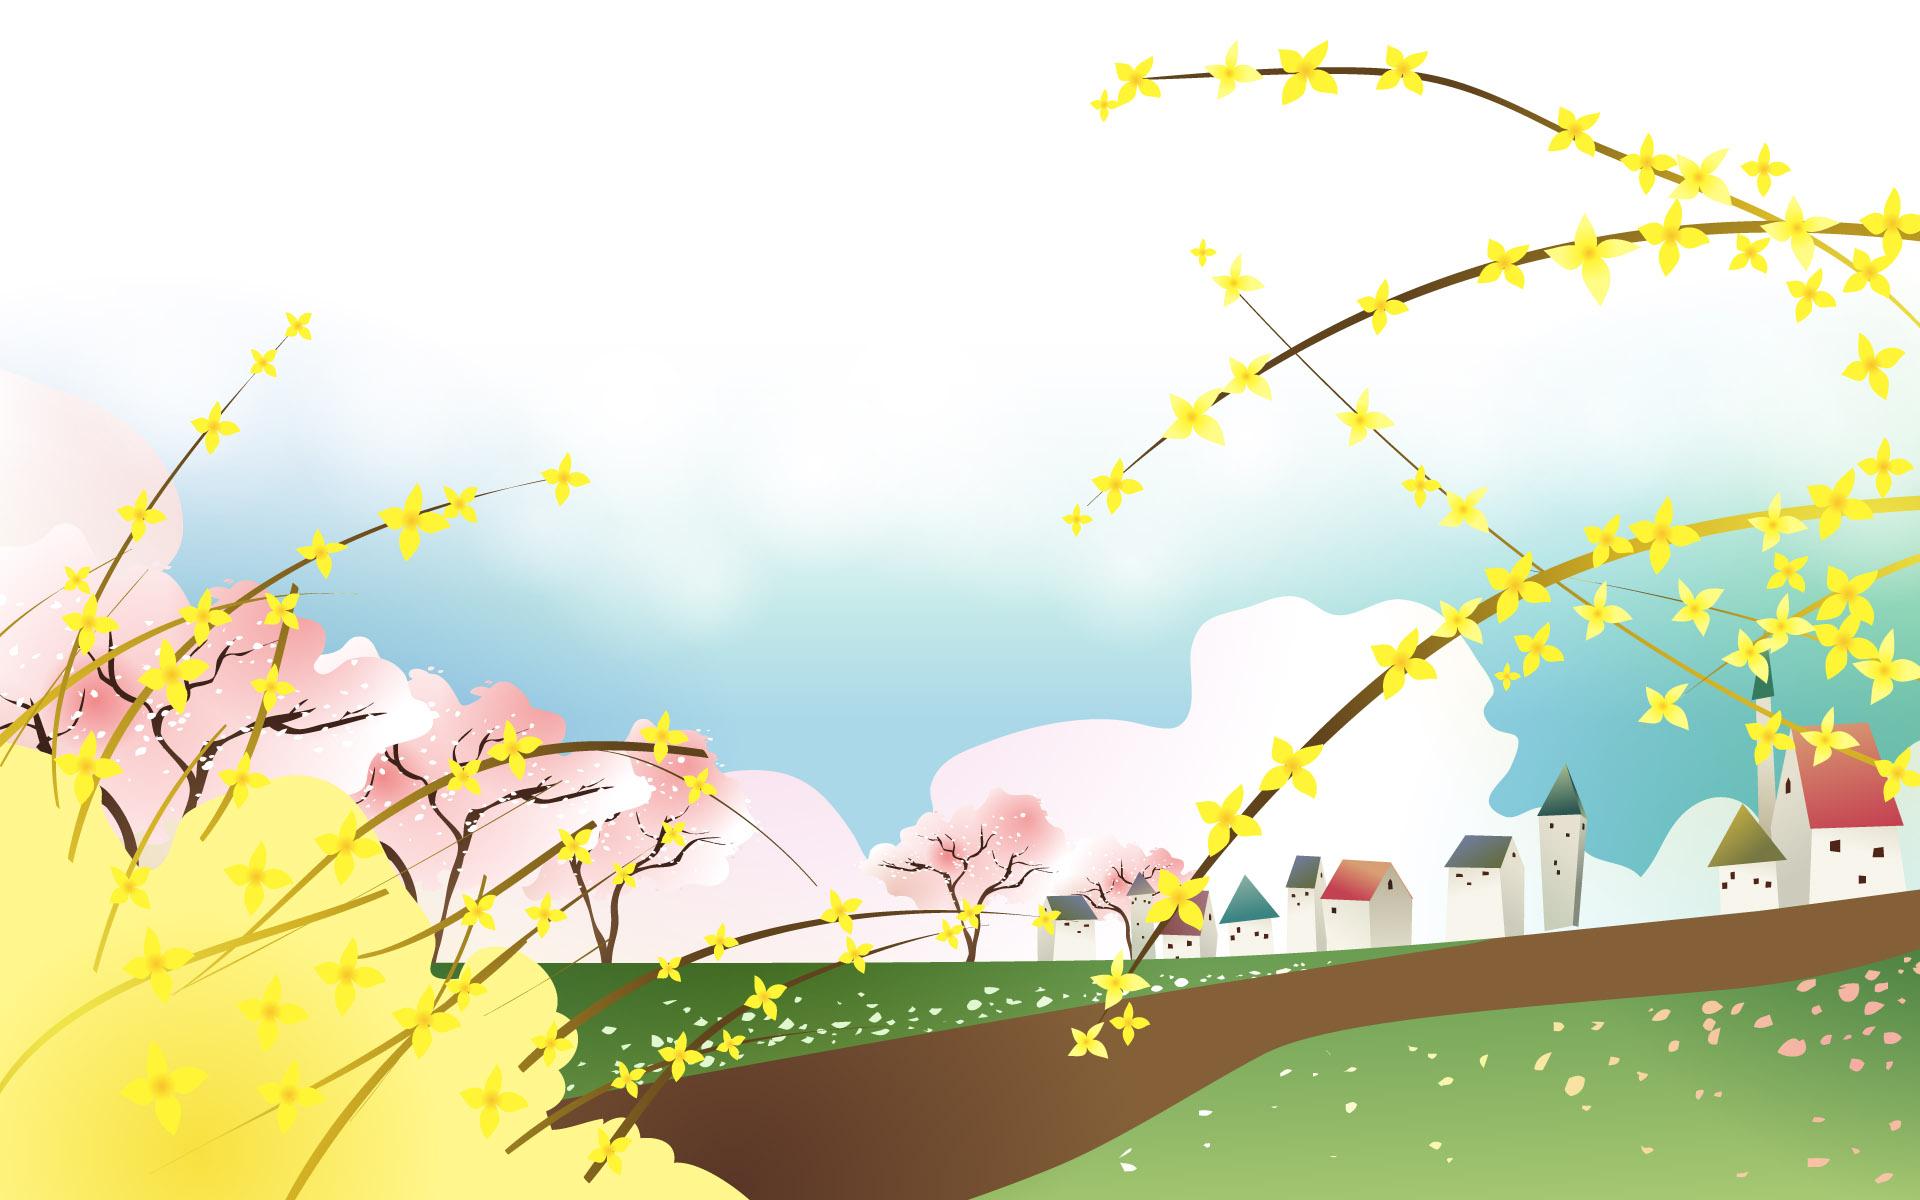 宽屏卡通-春天的气息(1920x1200)壁纸